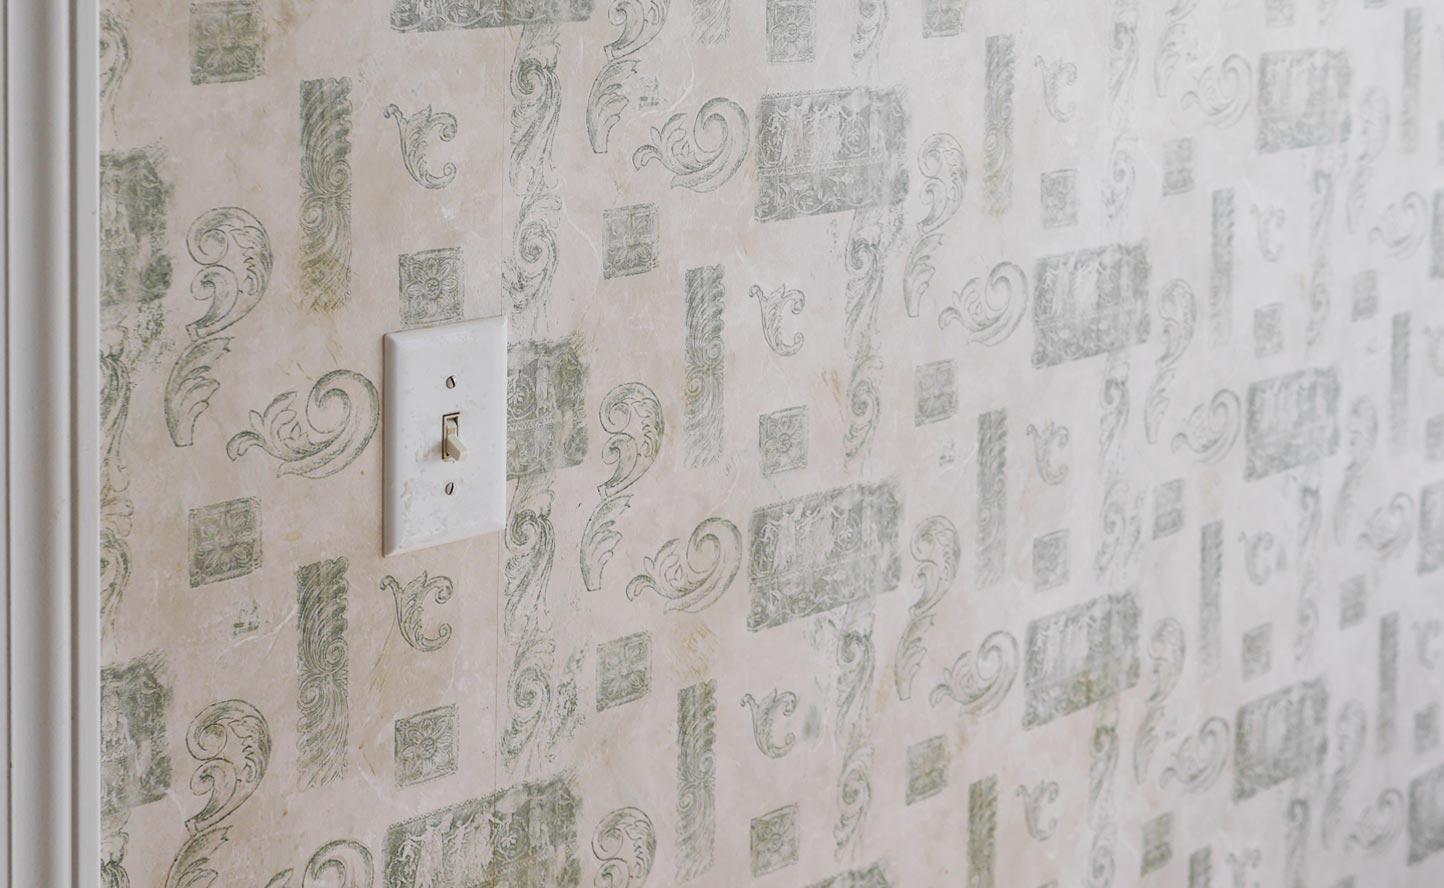 How to Remove Wallpaper DIY Bauen Home Improvement 1444x888